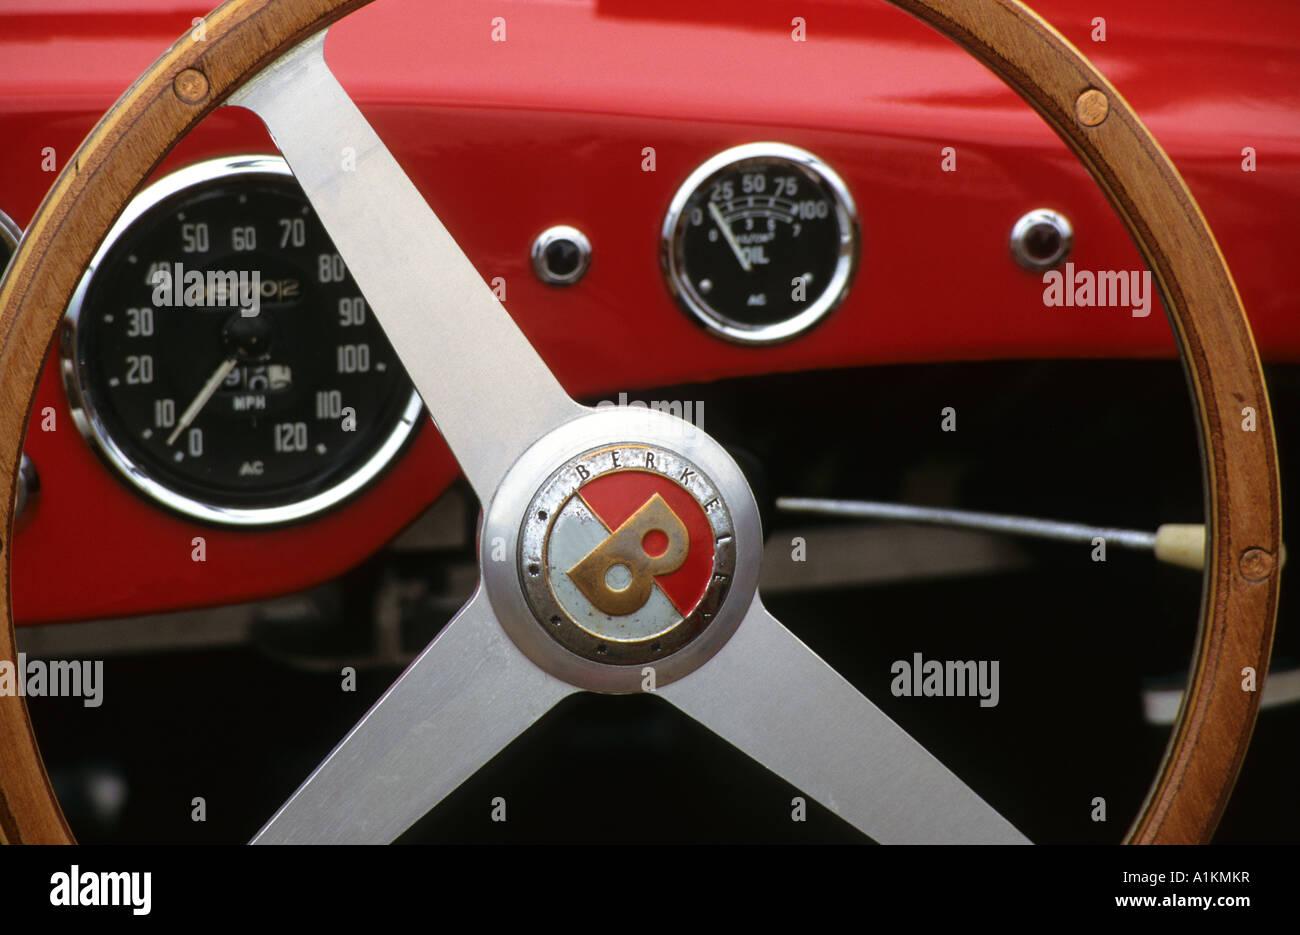 British Car Manufacturer Stock Photos & British Car ...